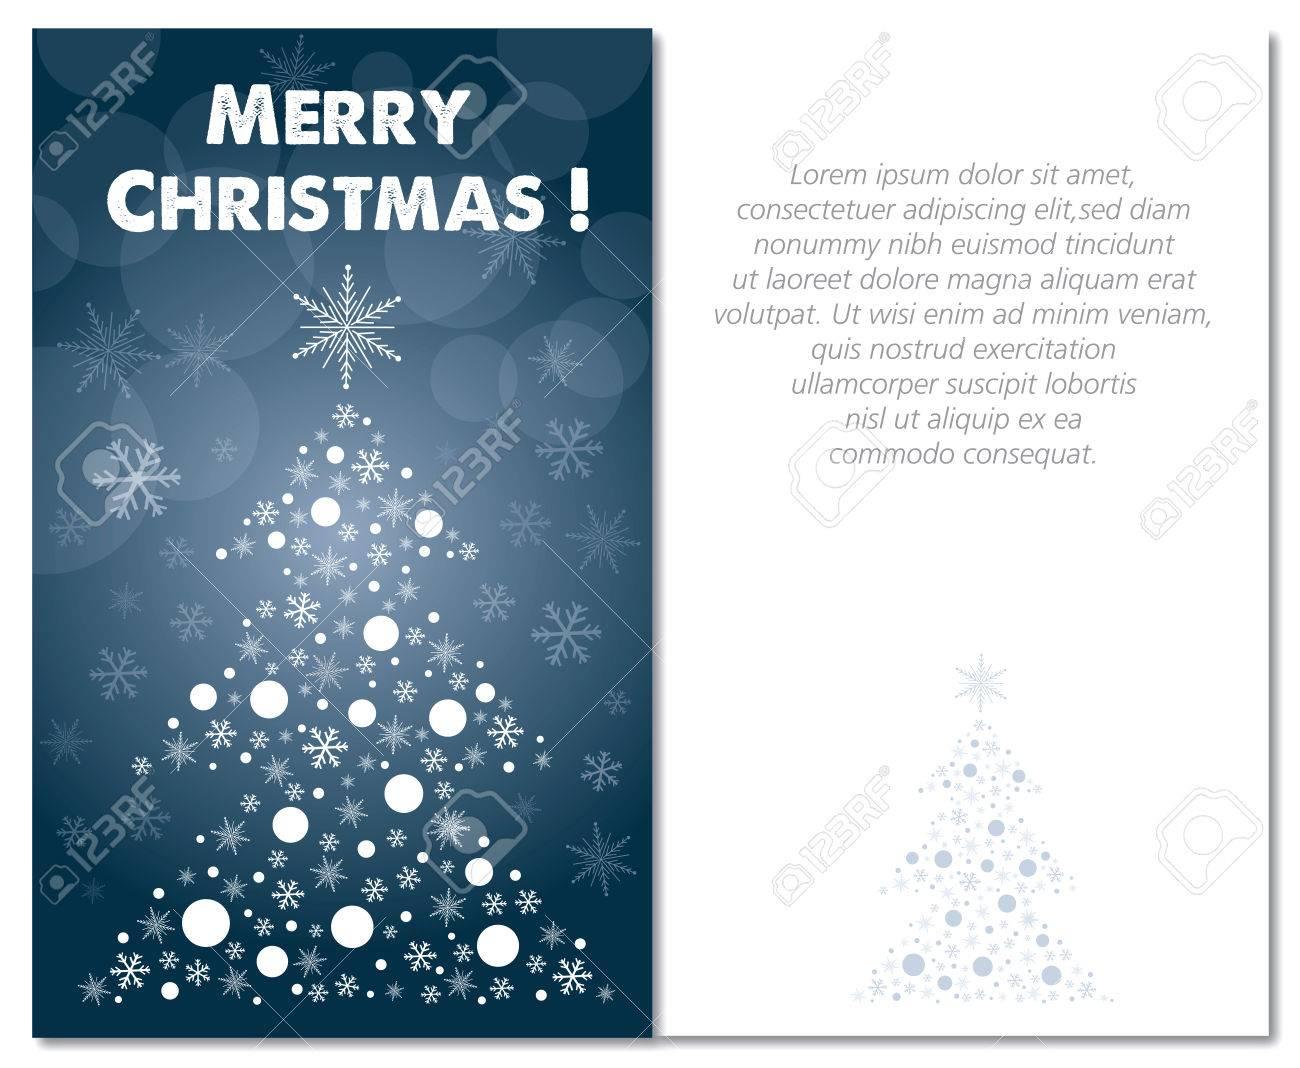 Joyeux Noël Avant Carte De Voeux Et Le Texte D'illustration